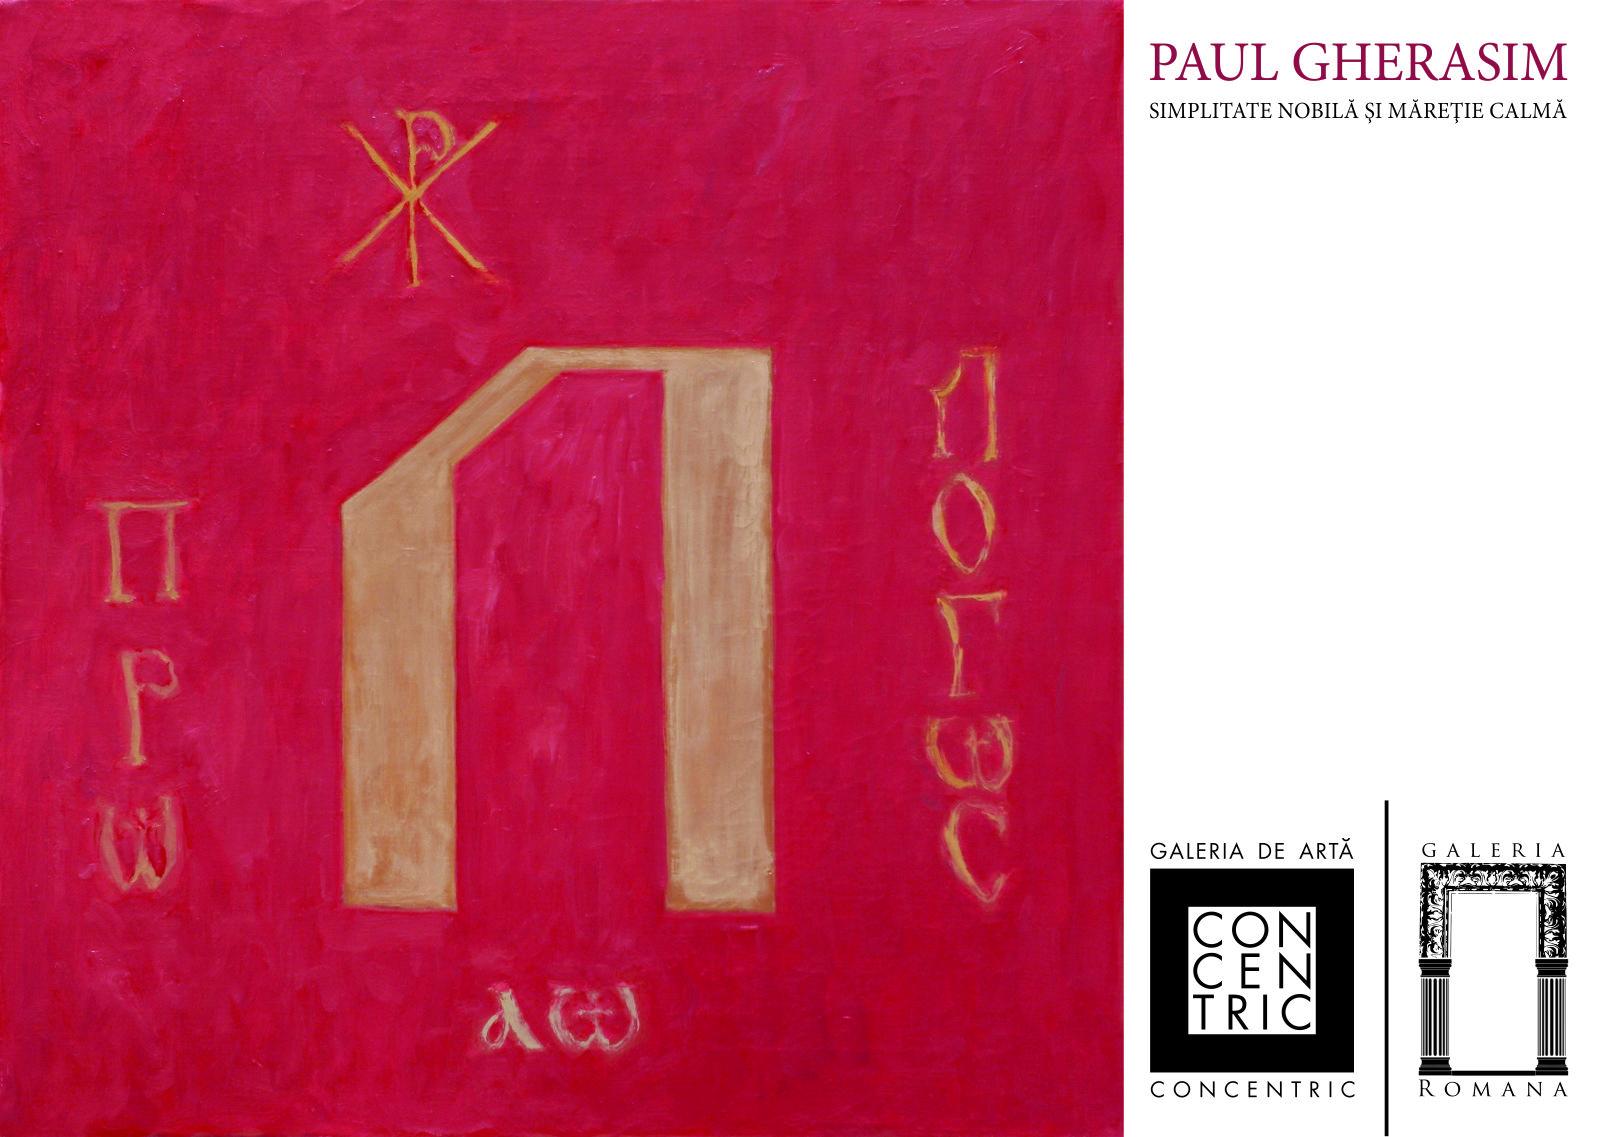 Invitatie PAUL GHERASIM1